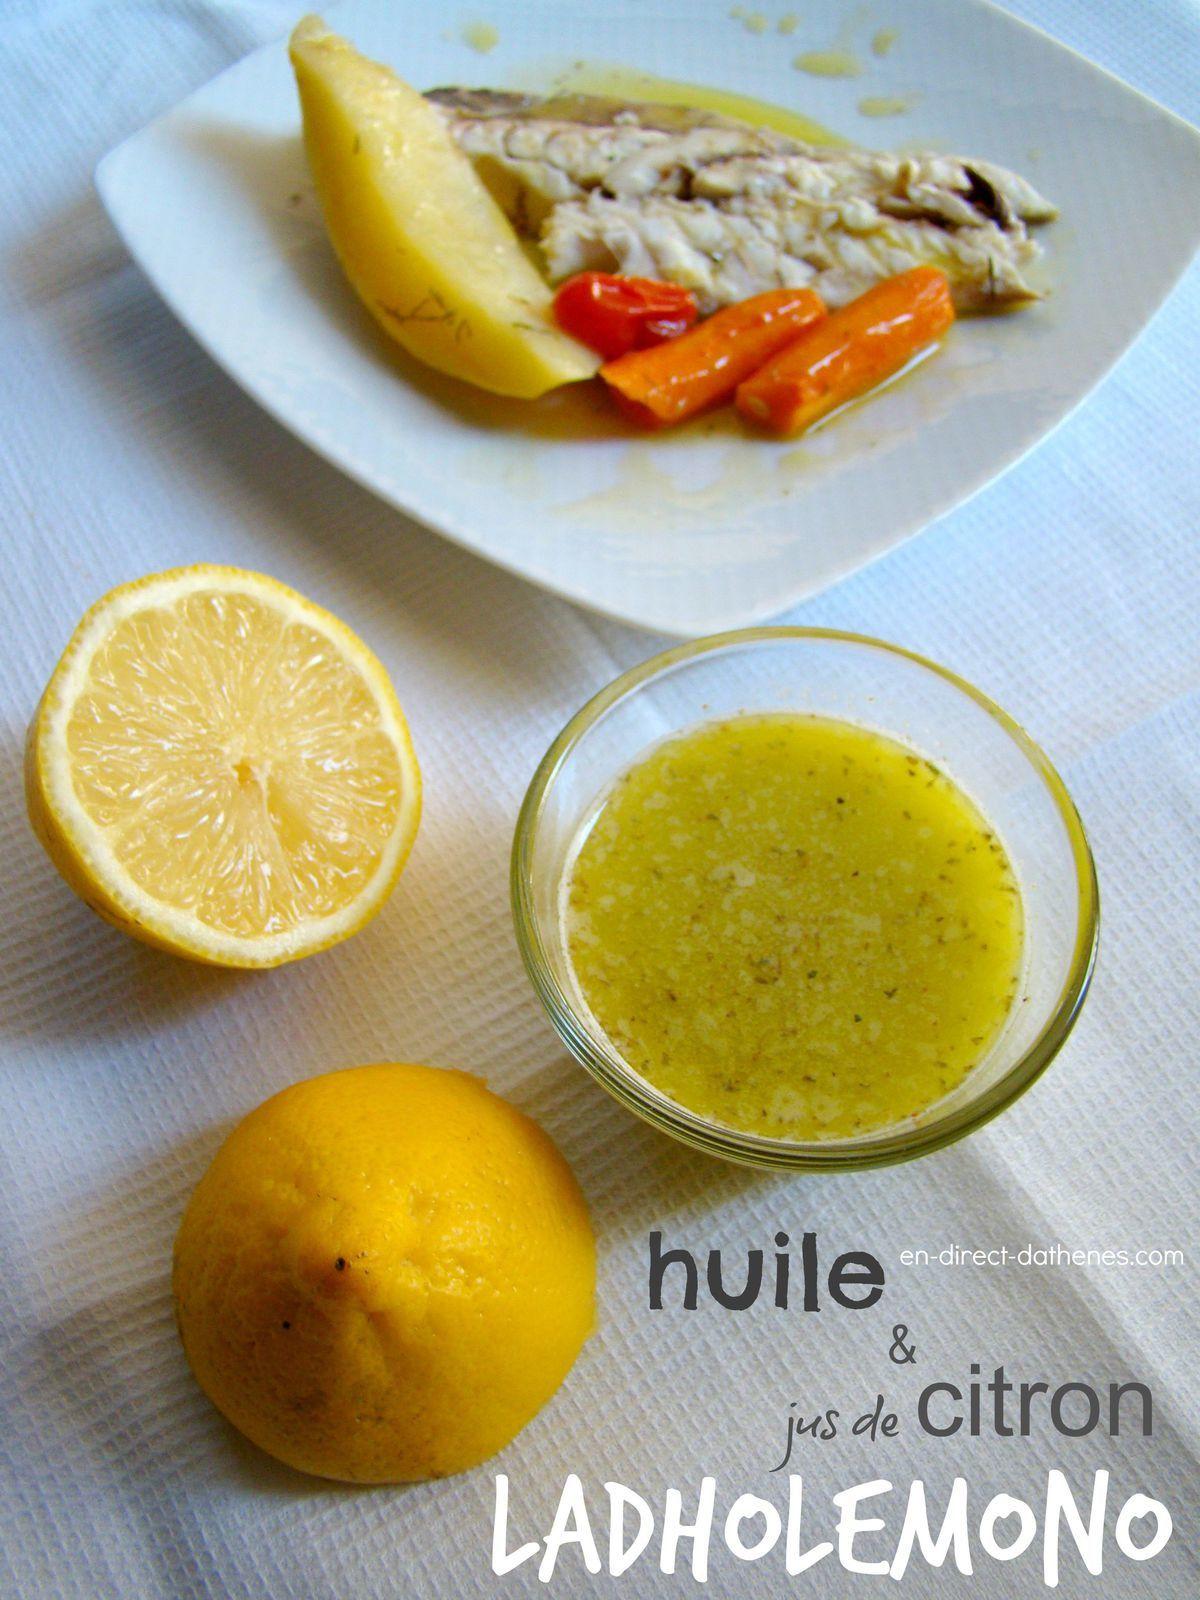 Le ladholemono : un peu d'huile et de jus de citron pour accompagner un poisson